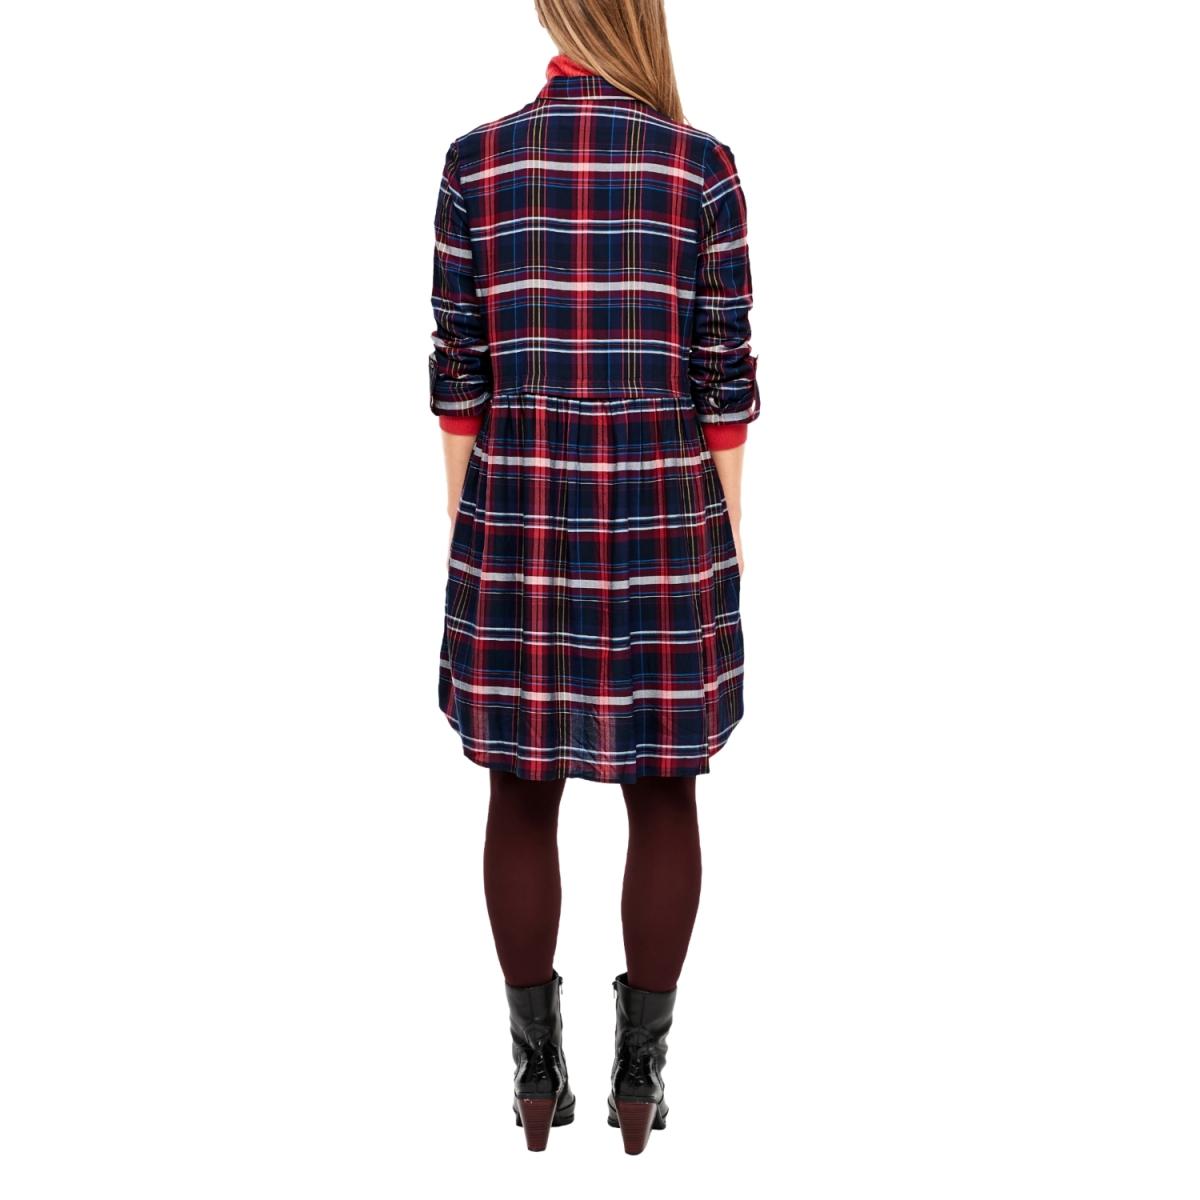 overhemd jurk met borduursel 14910825258 s.oliver jurk 59r8